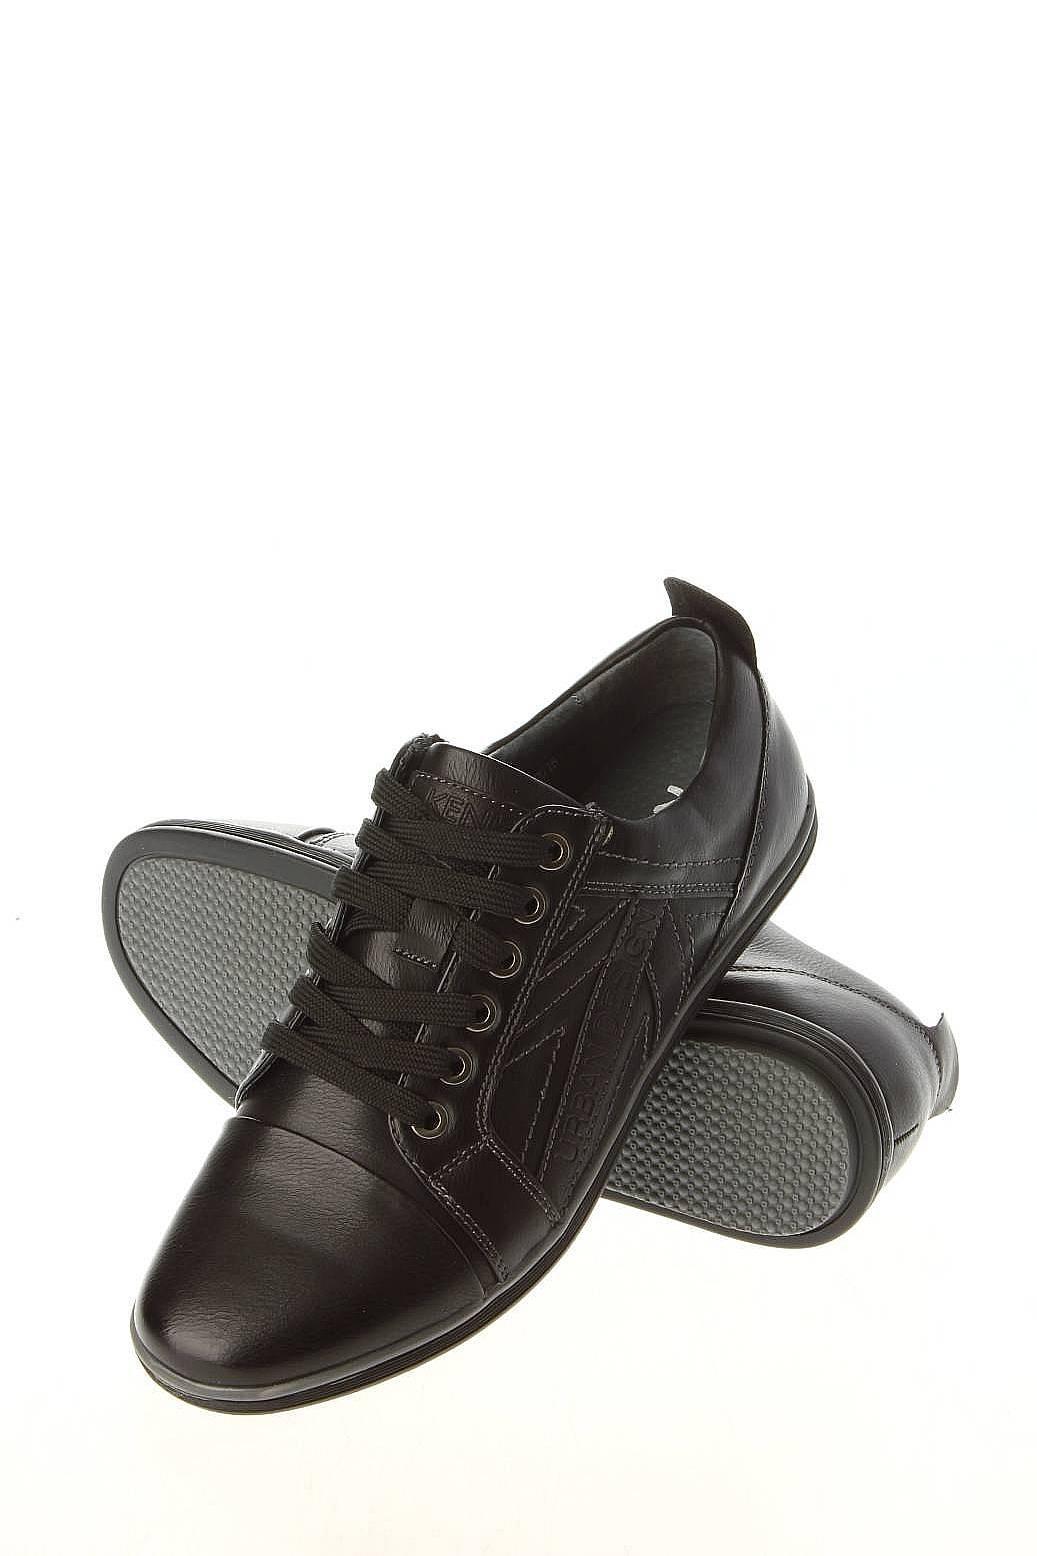 Мужская Обувь Детская Обувь Туфли: KENKA Обувь